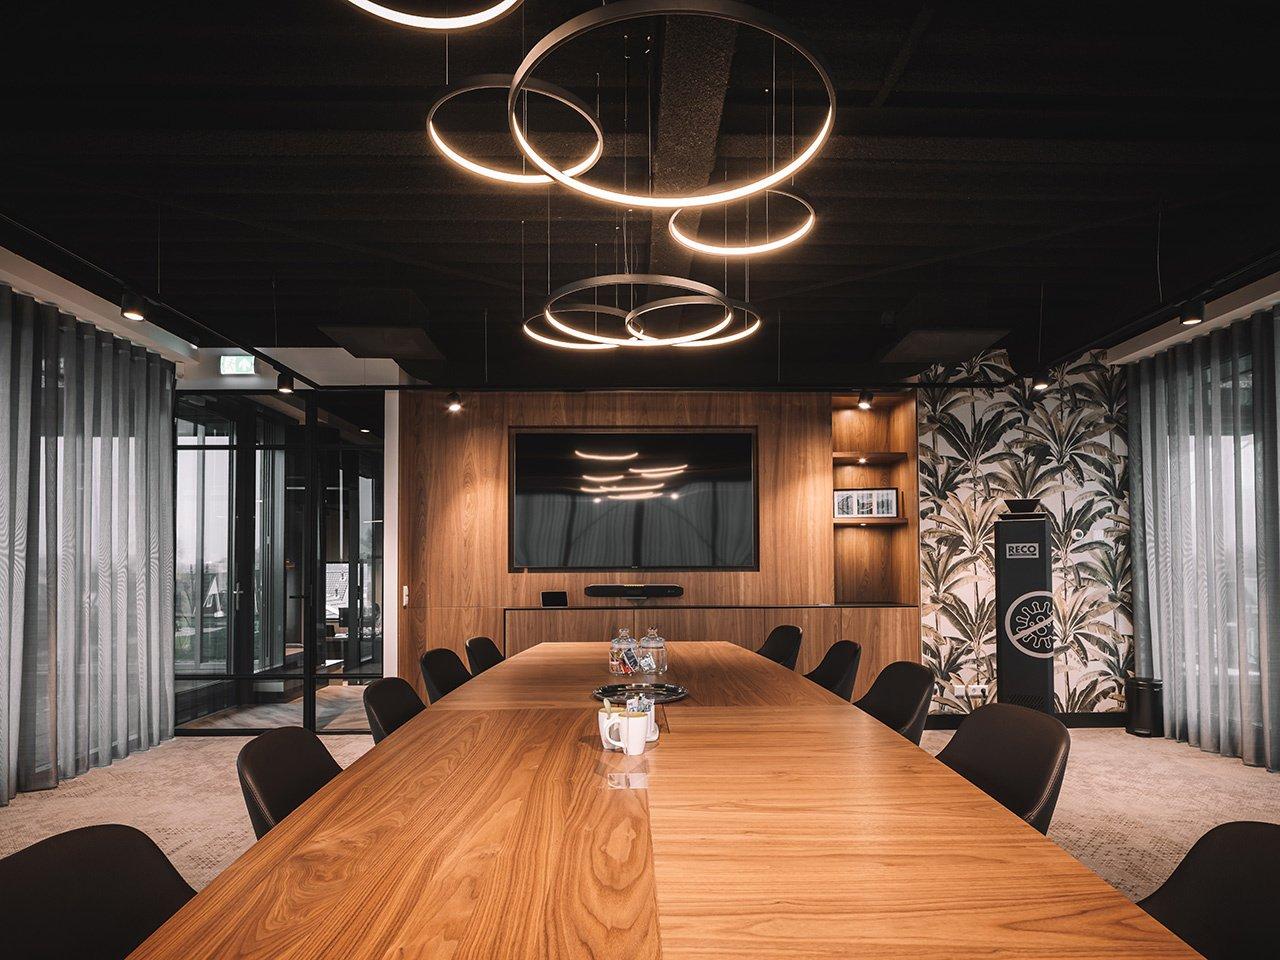 lightinova-clixx-magnetic-track-lighting-system-led-ring-pendant-lamp-halo-office-lighting-stebru-desk-lighting